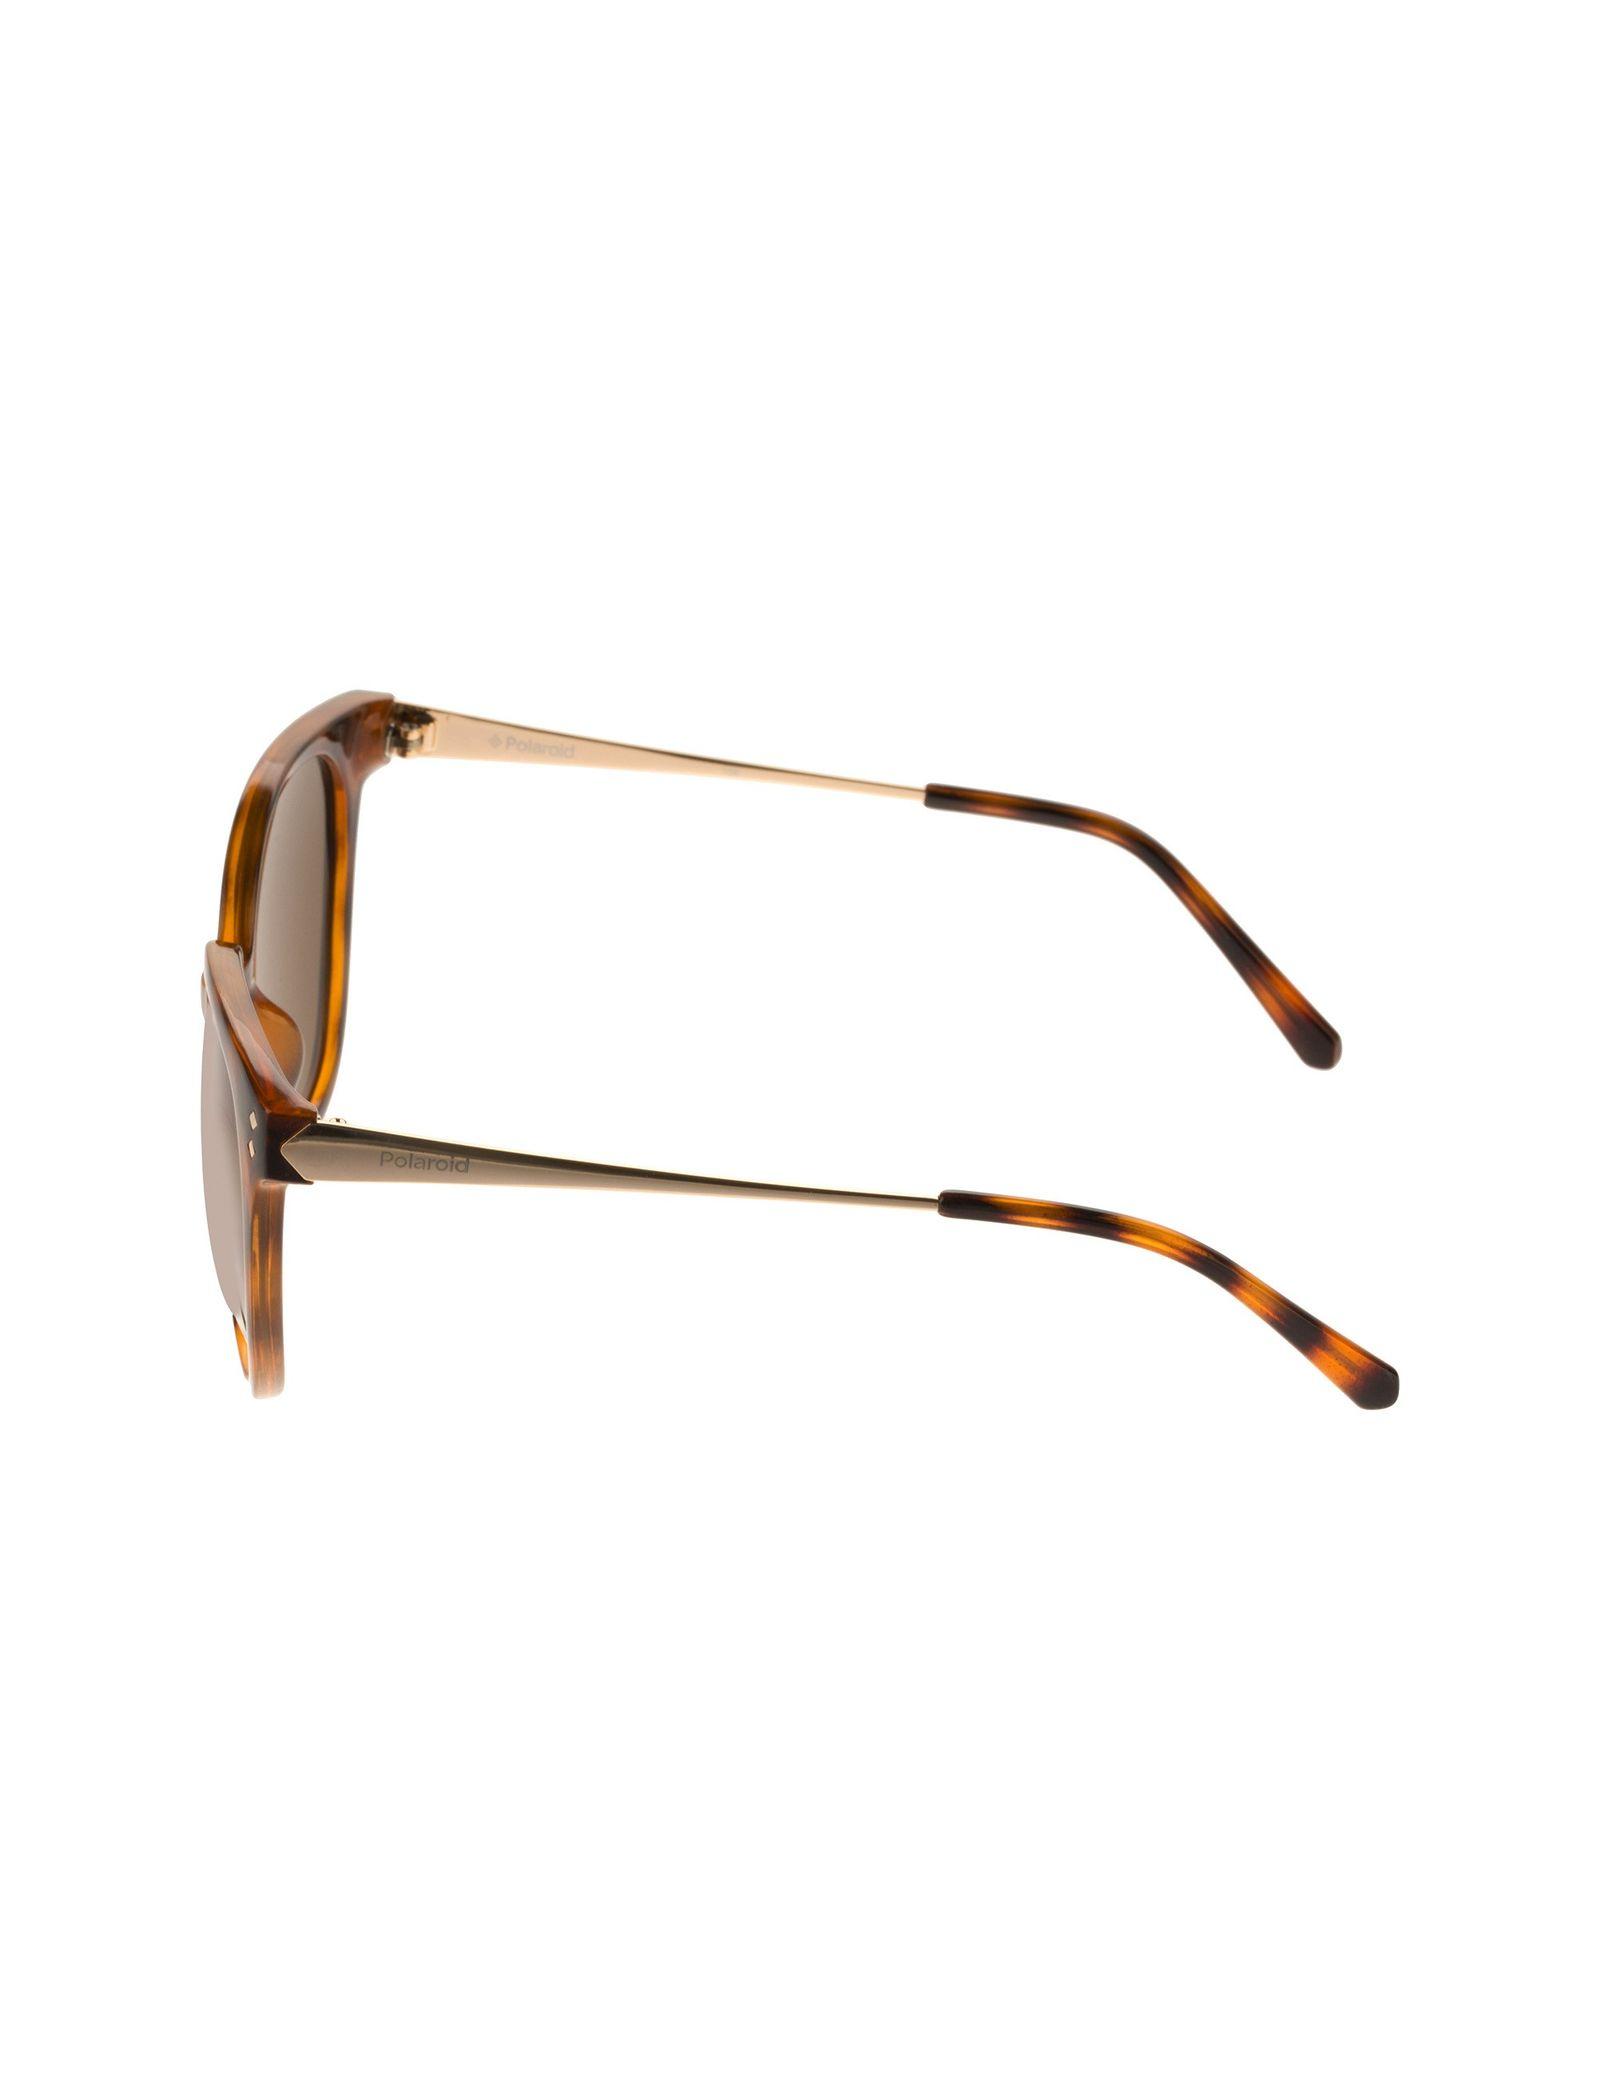 عینک آفتابی گربه ای زنانه - پولاروید - قهوه اي لاک پشتي - 3